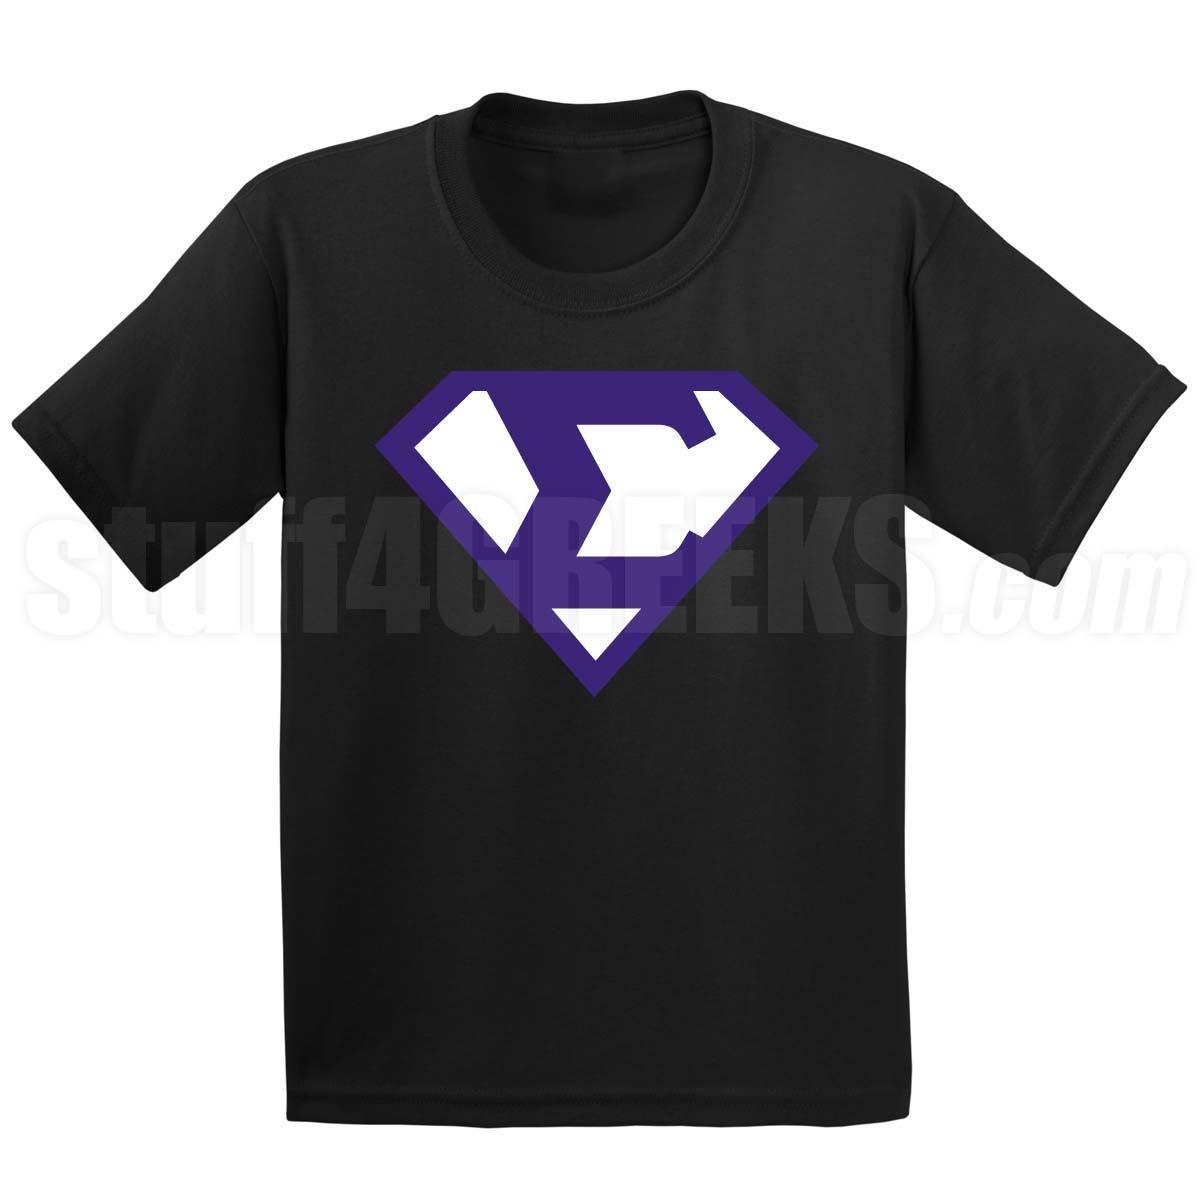 Phi Beta Sigma Shield Phi Beta Sigma T-shirt